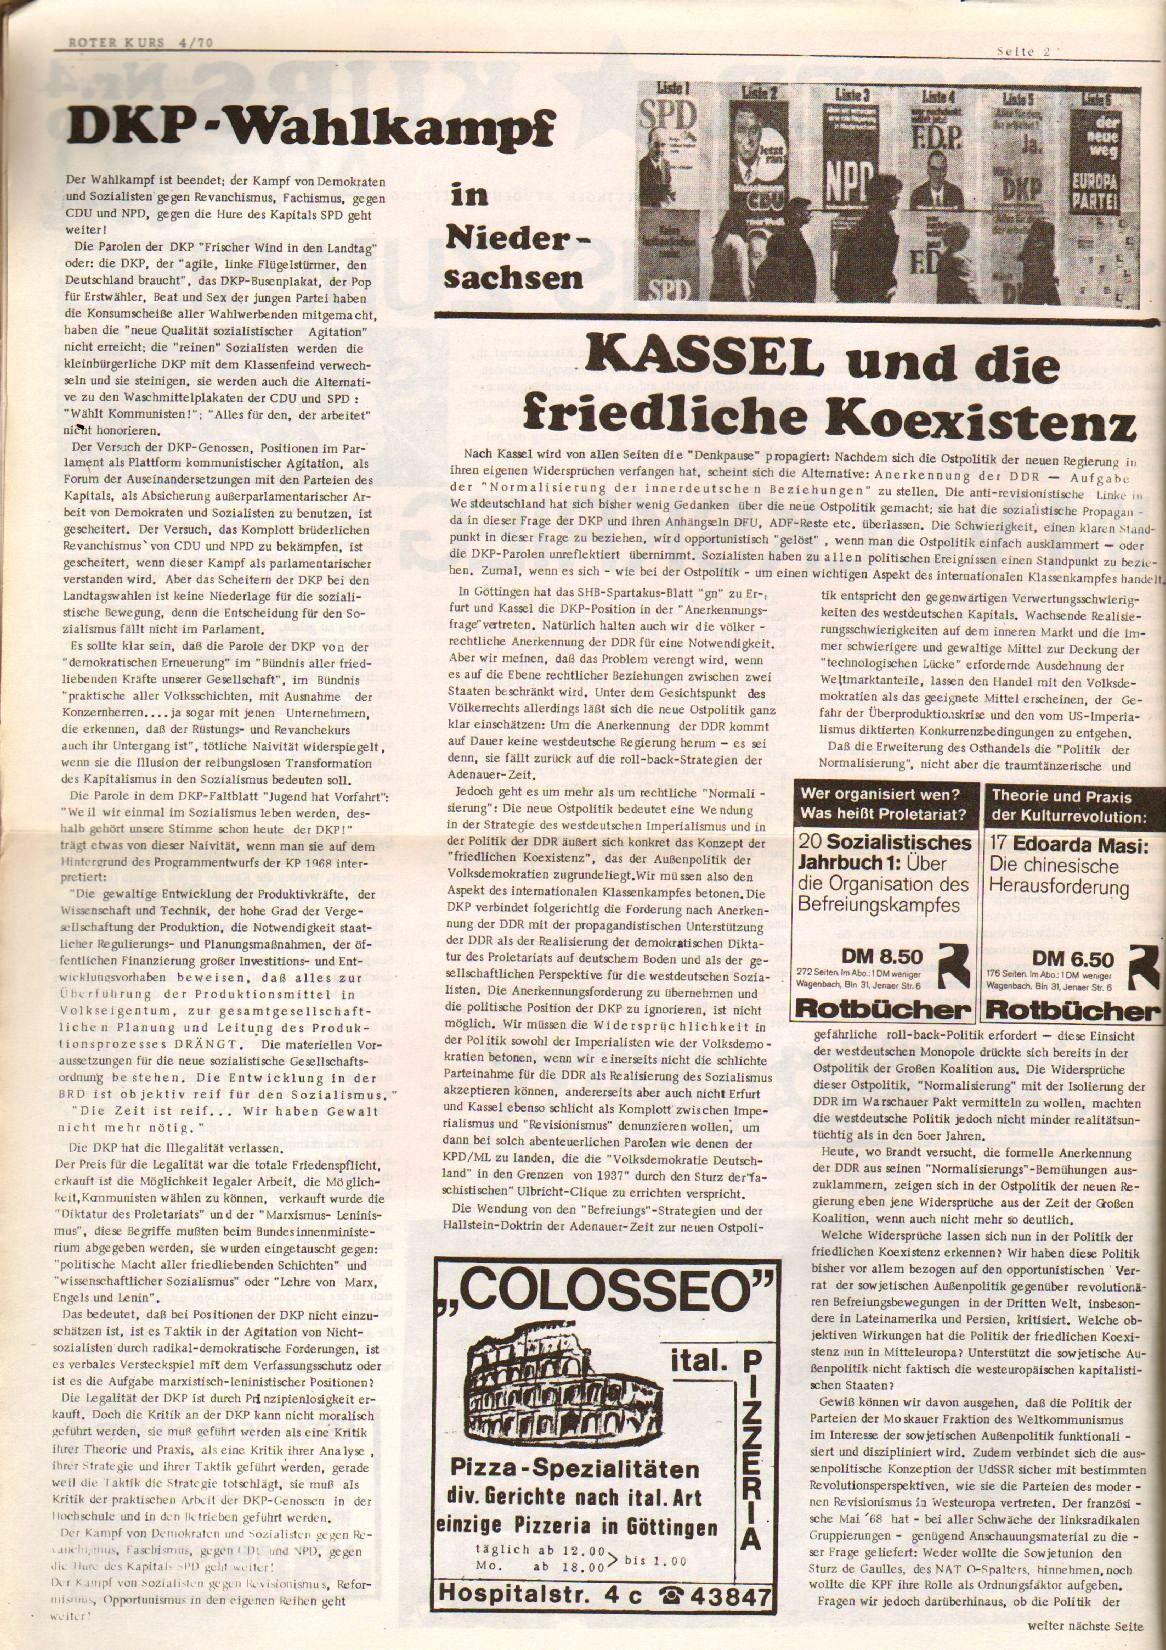 Goettingen_Roter_Kurs016